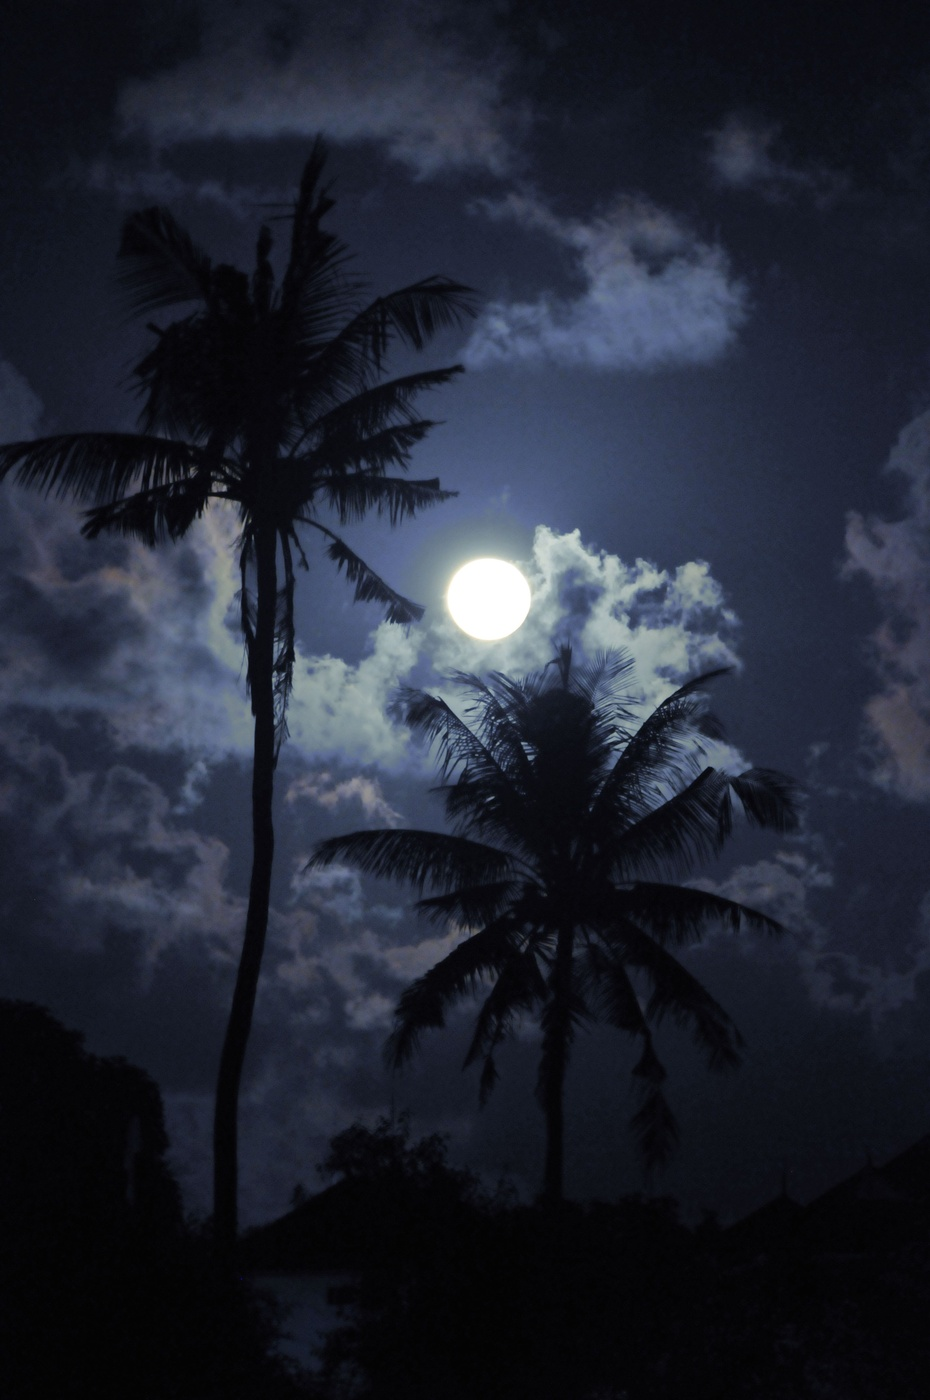 巴厘岛梦幻海滩日落美景 - 龙眼 - 龙之血脉